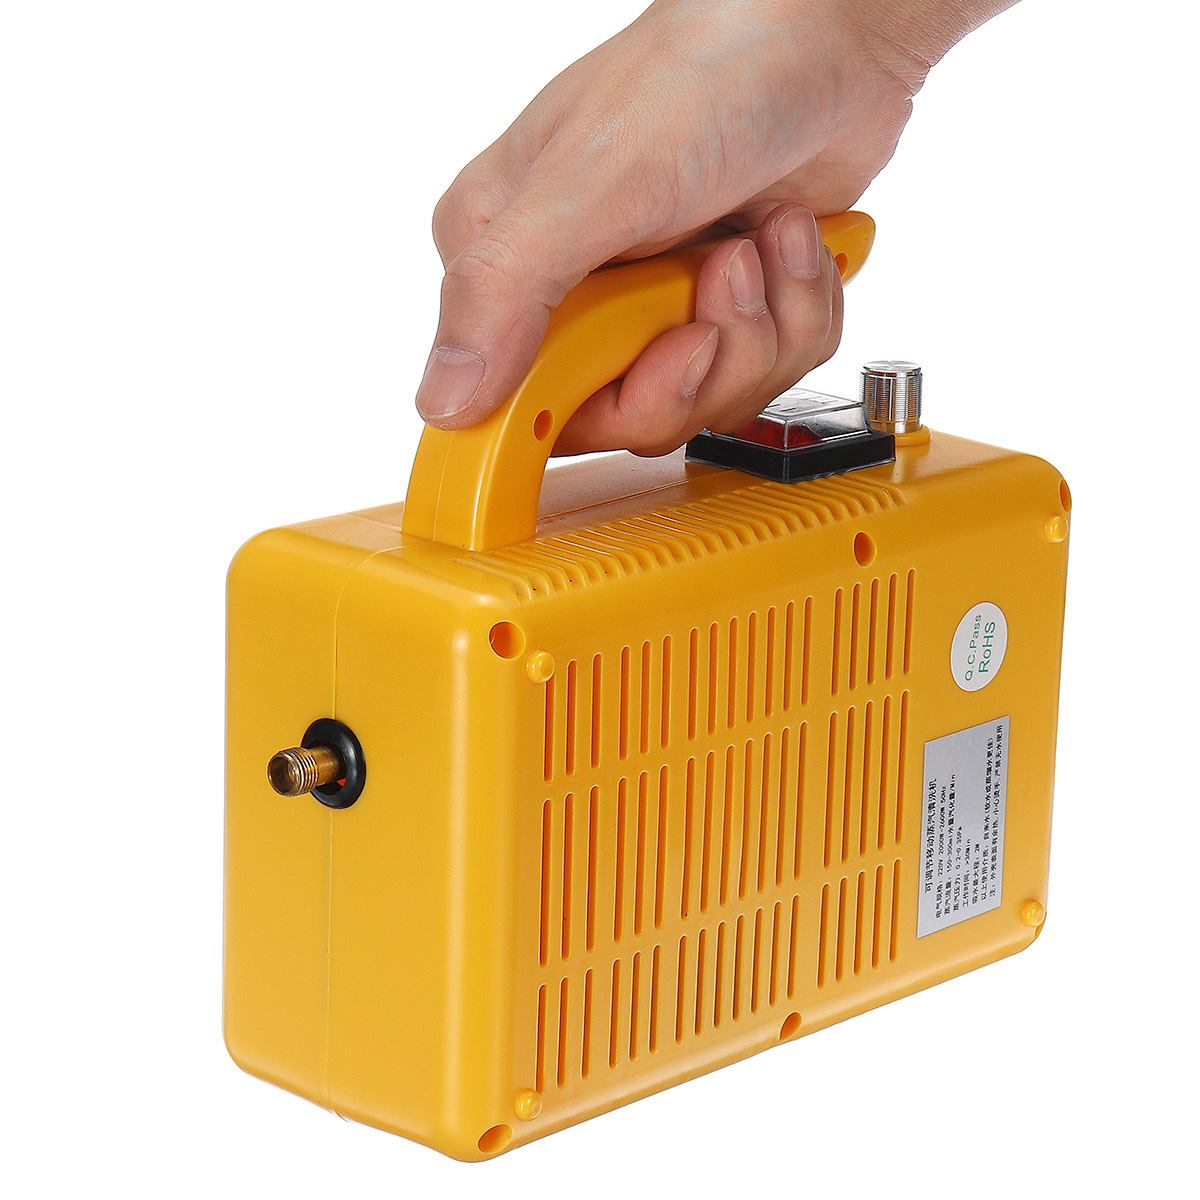 Ручной пароочиститель 220 В 2600 Вт электрический переносной паровой очиститель машина бытовая кухонная очистка насосная стерилизация